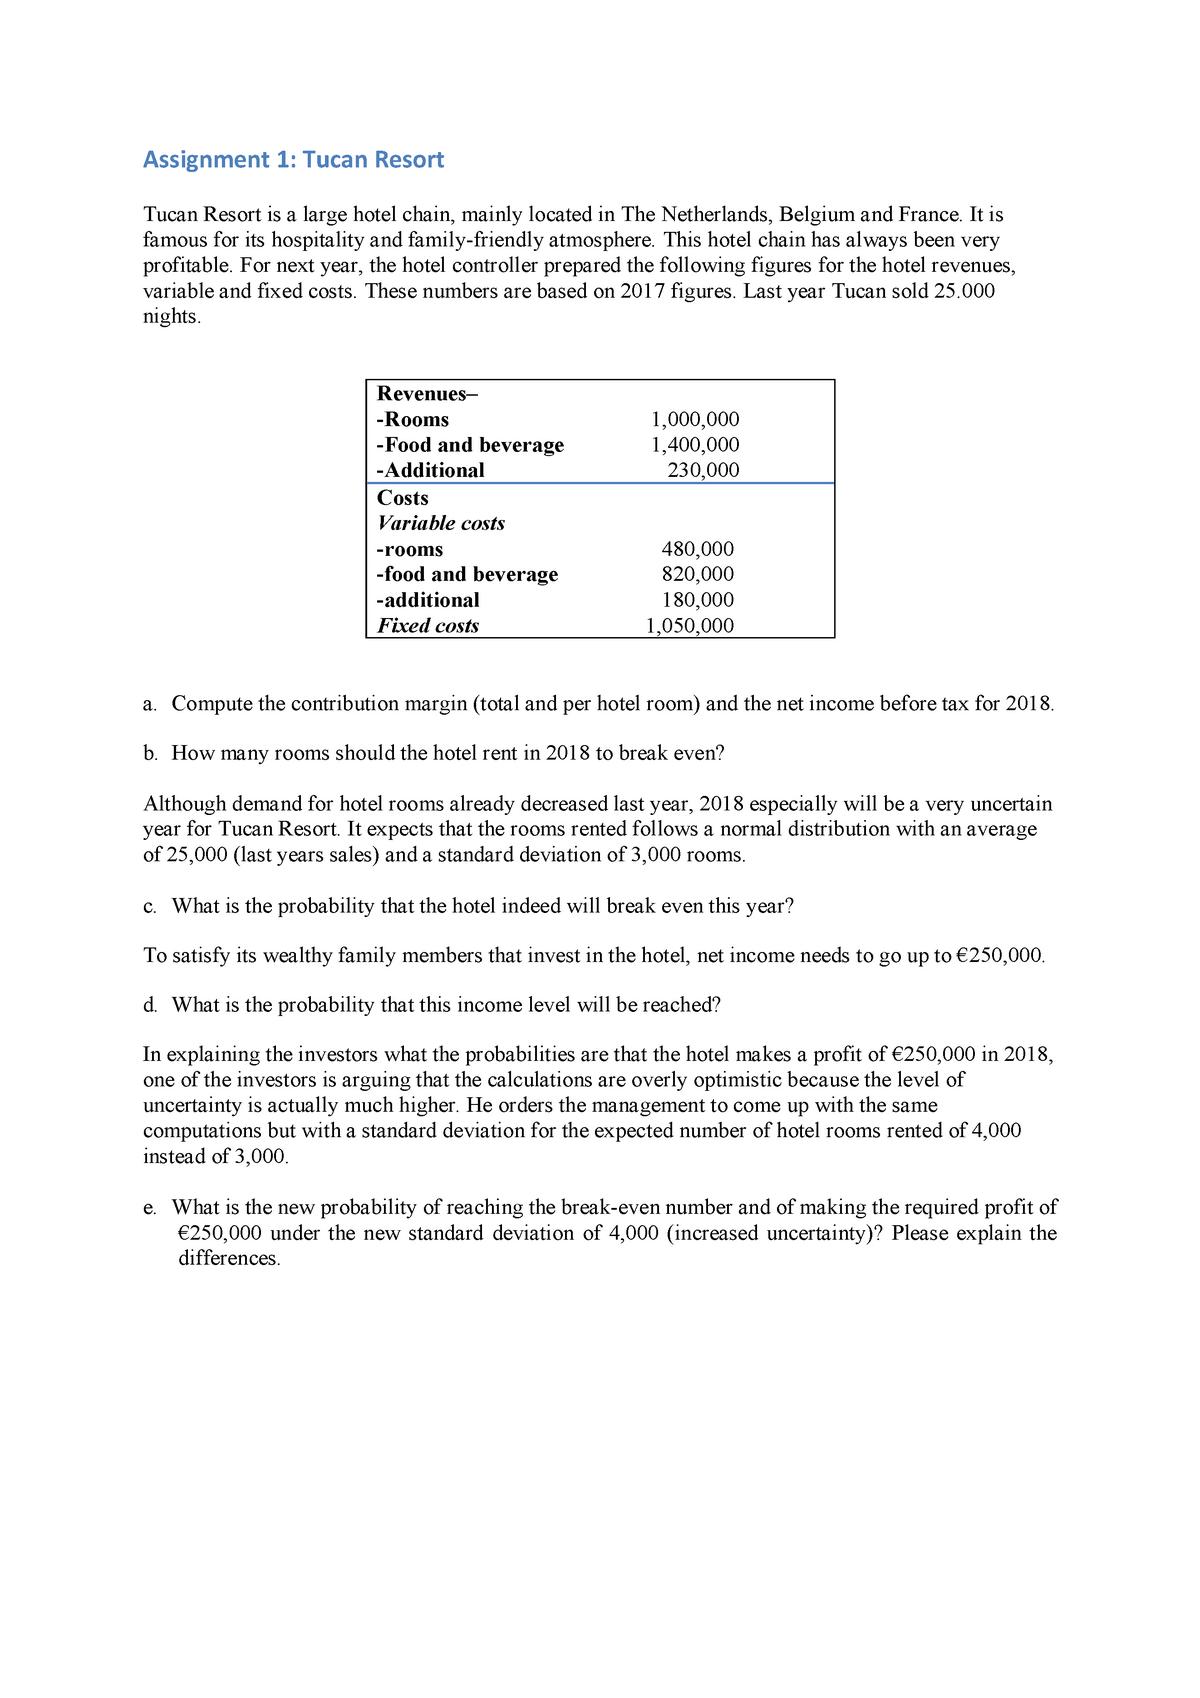 Assignment 1 - Tucan Resort - Management Accounting - VU